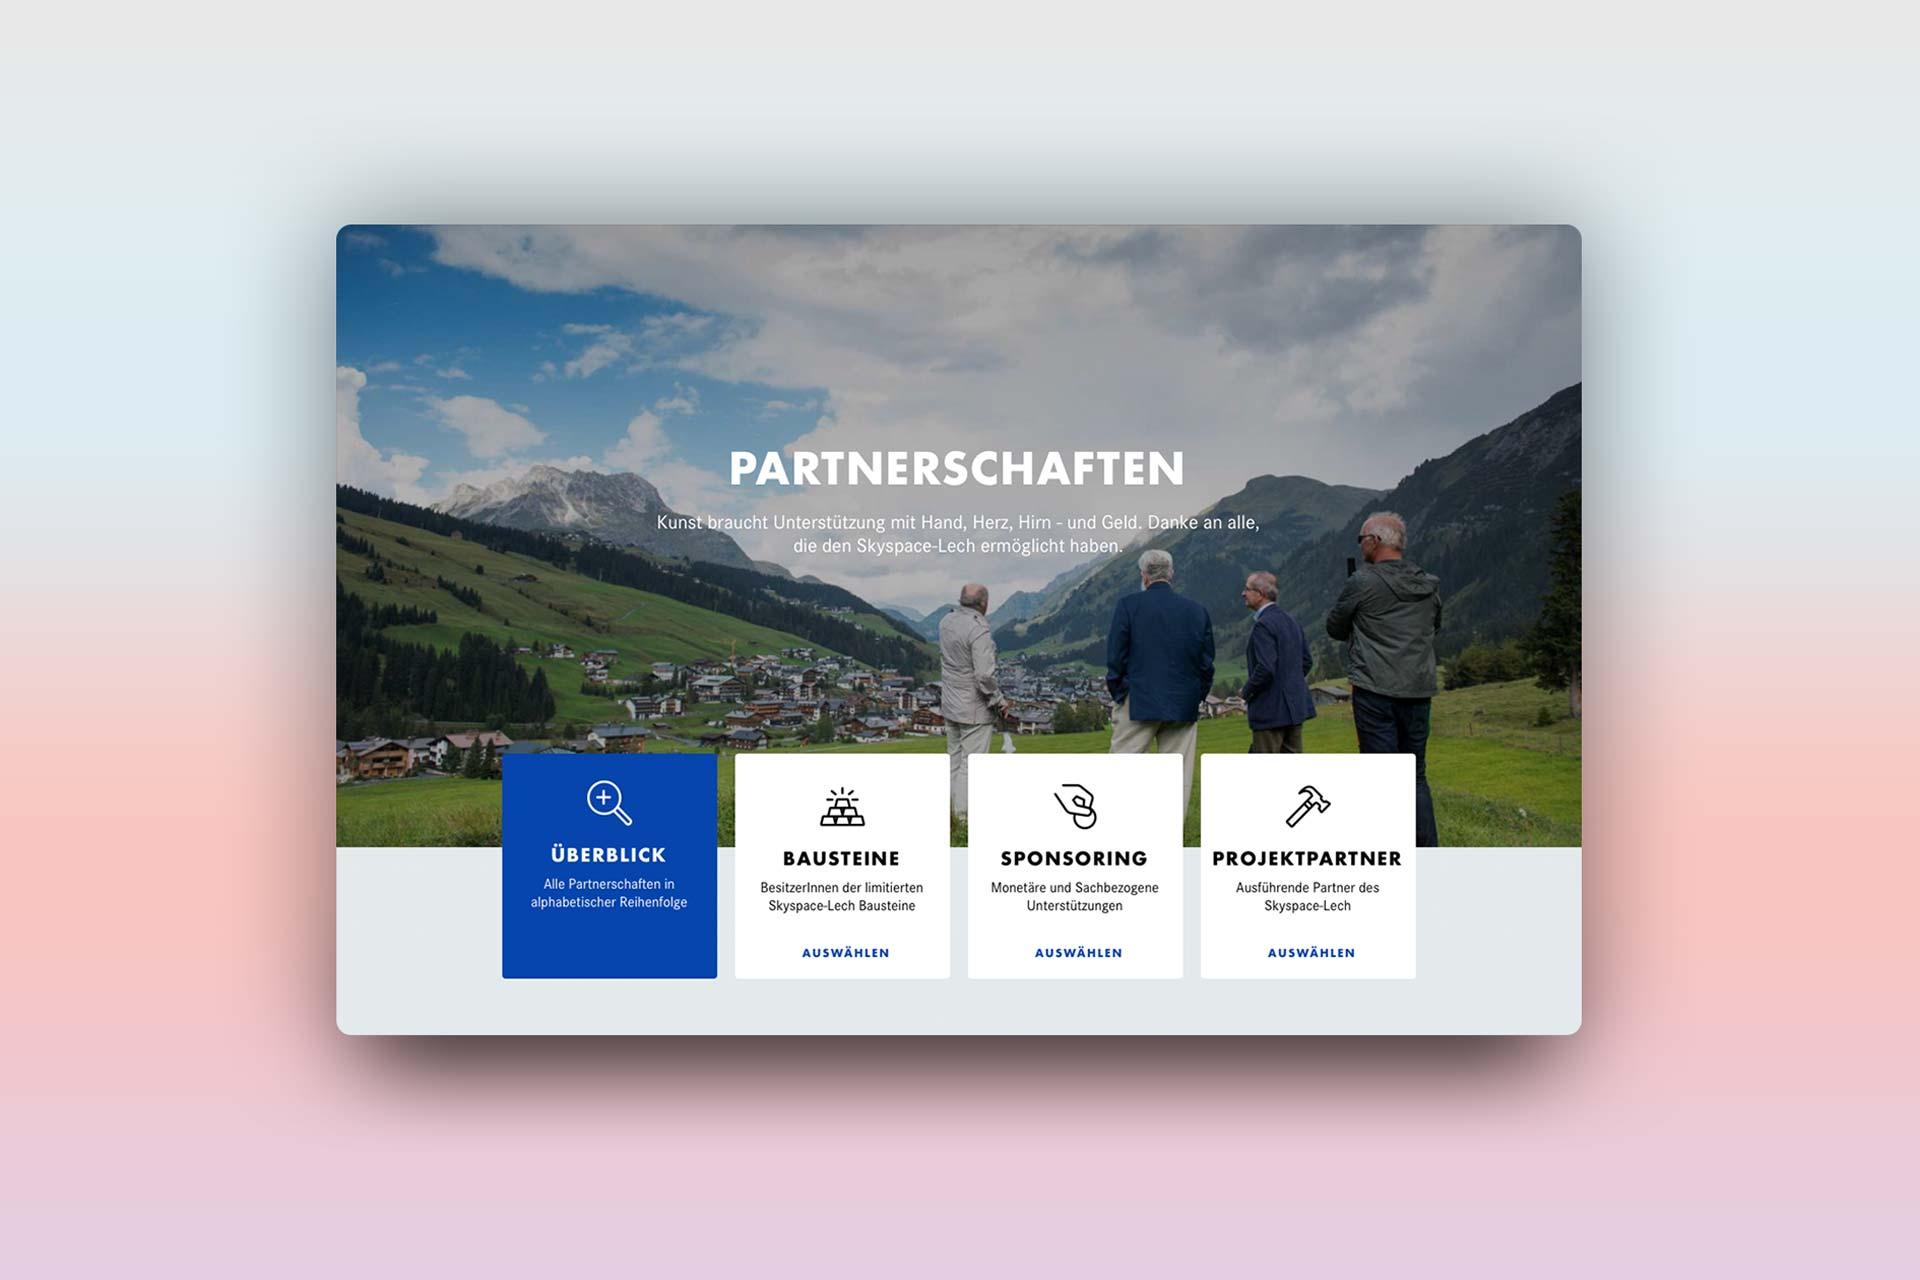 Partnerschaft, Webdesign skyspace Lech, UI, UX, Web, James Turrell, Kunst, Bernhard Hafele